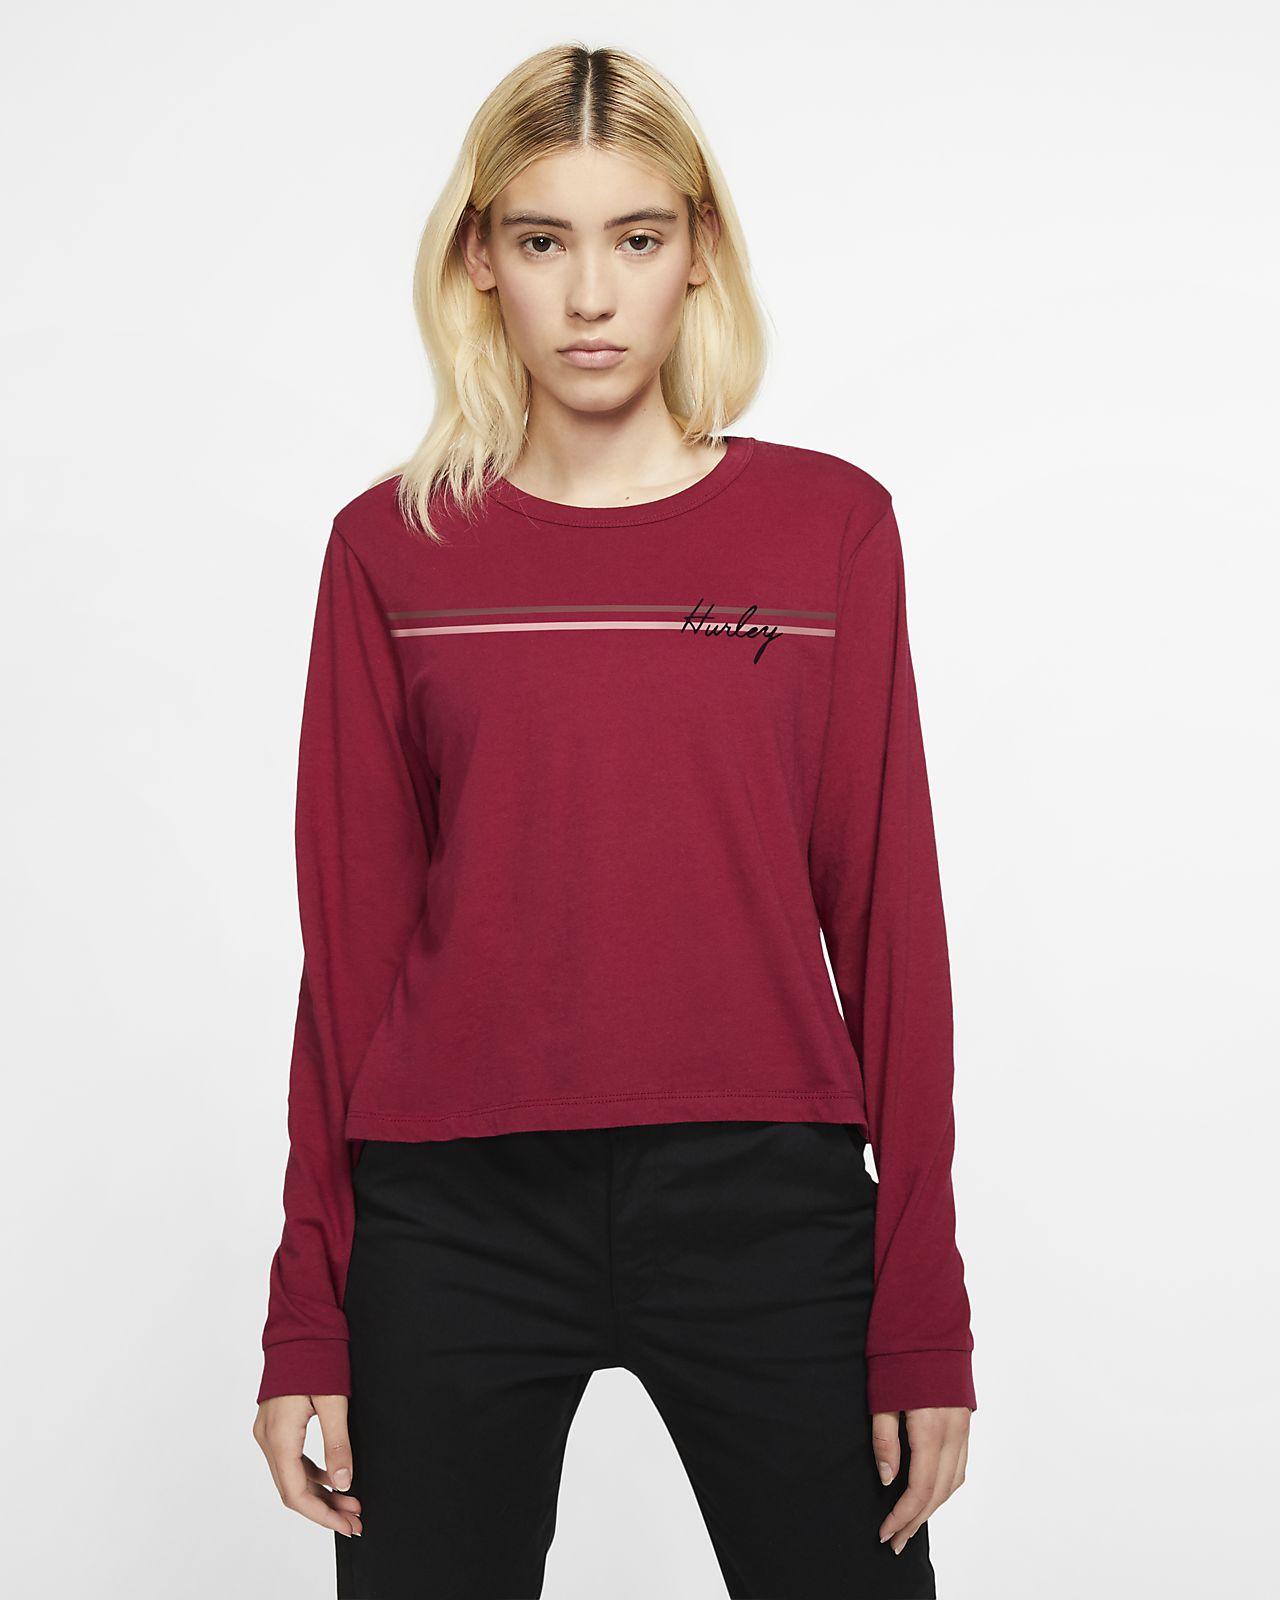 Женская футболка с длинным рукавом Hurley Line Bars Perfect